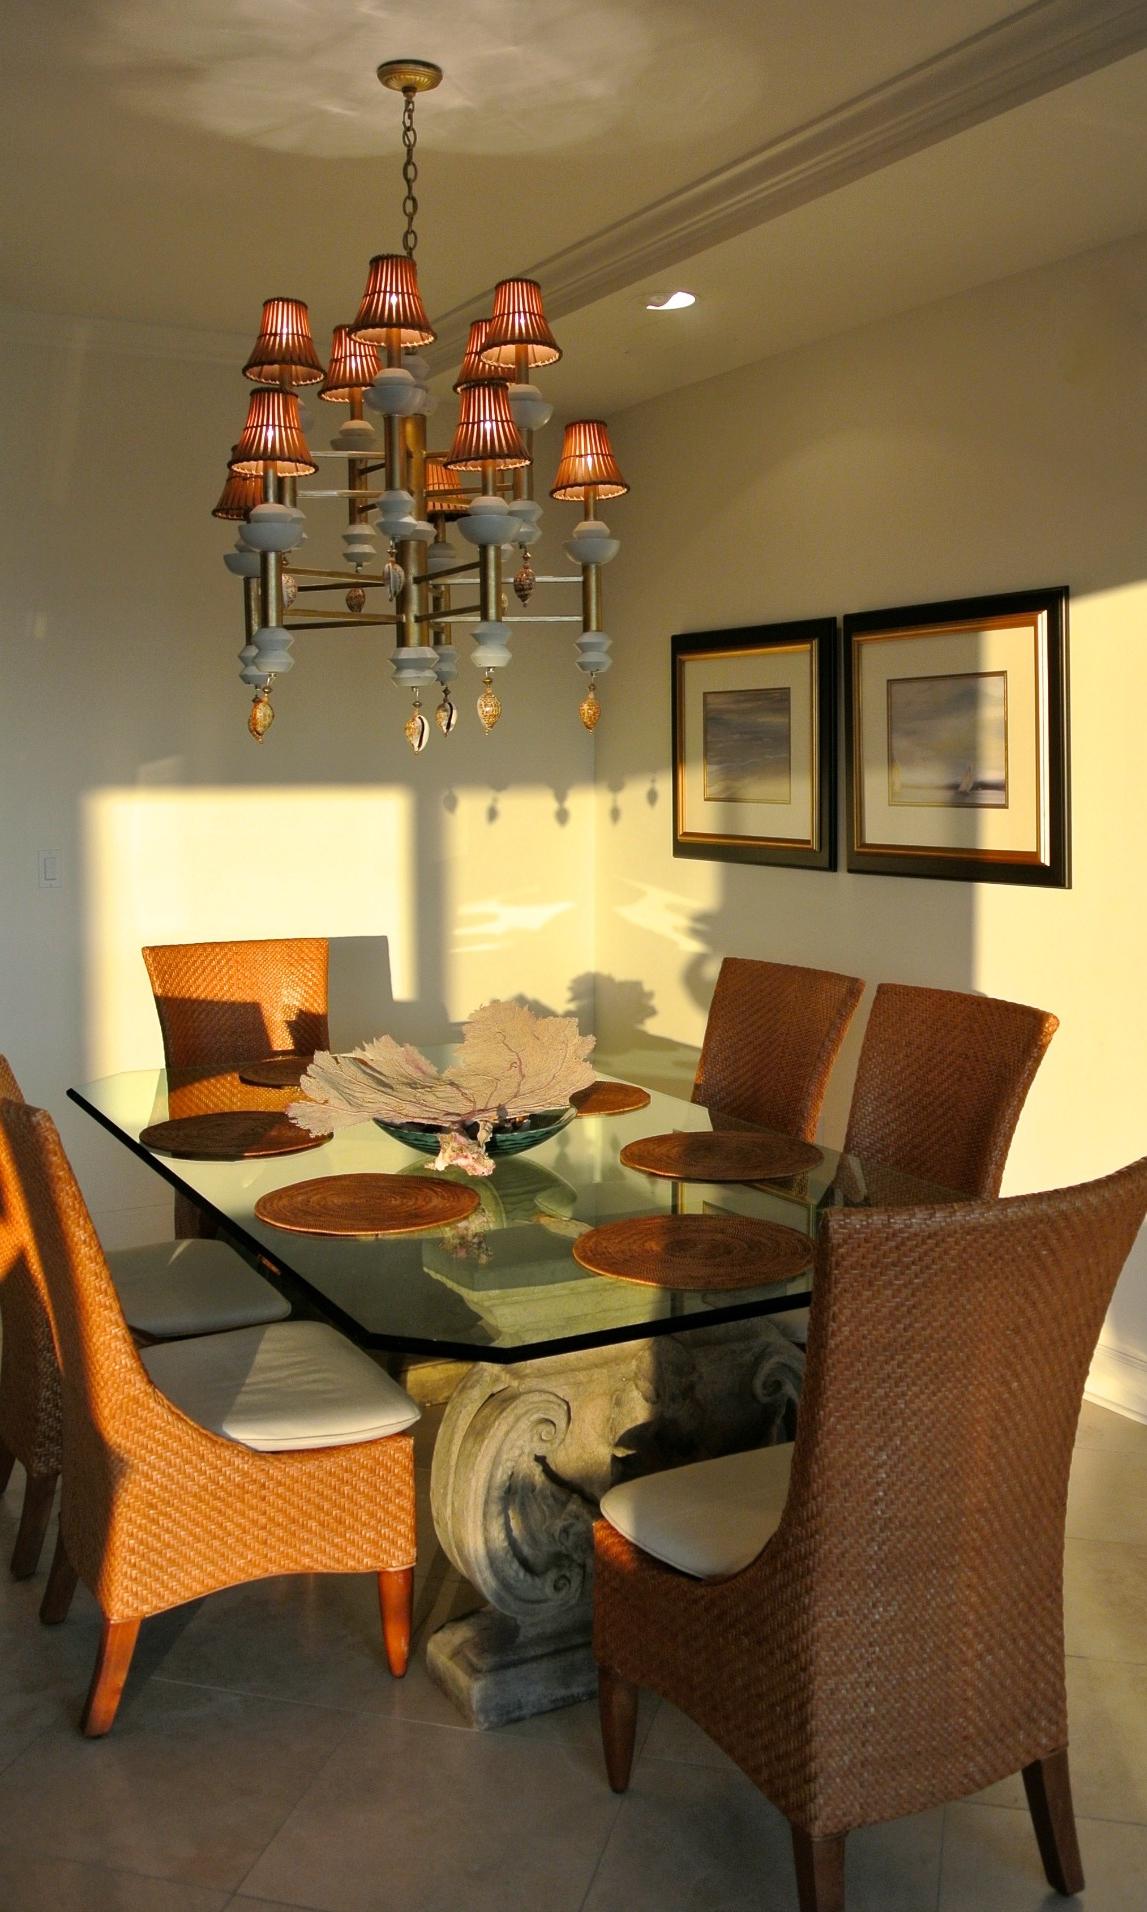 c-beach-house-dining.jpg